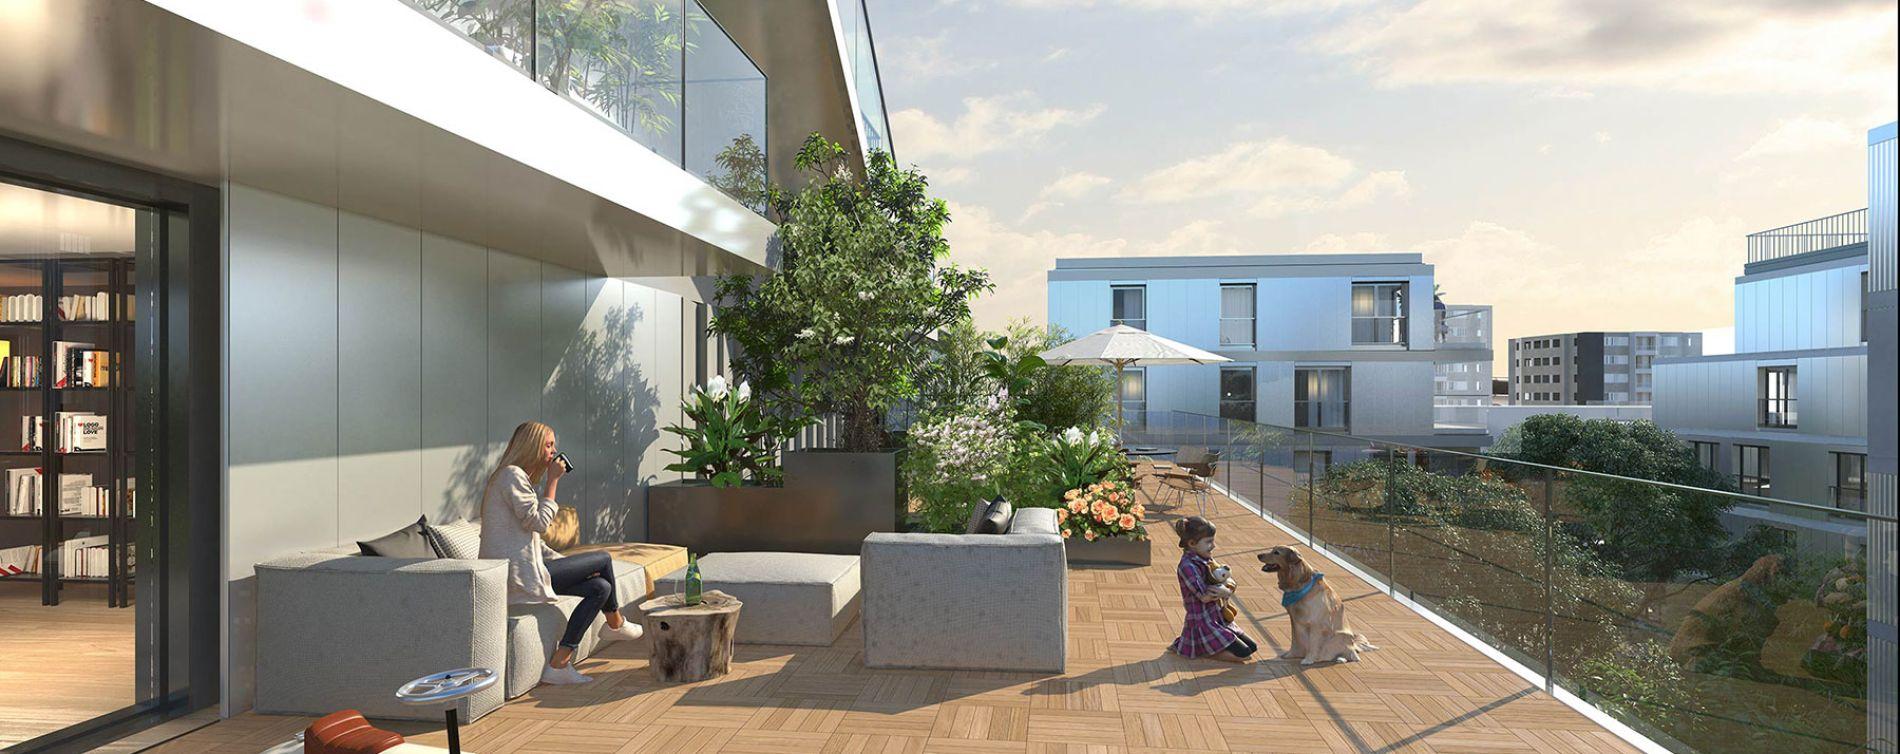 Asnières-sur-Seine : programme immobilier neuve « Artchipel »